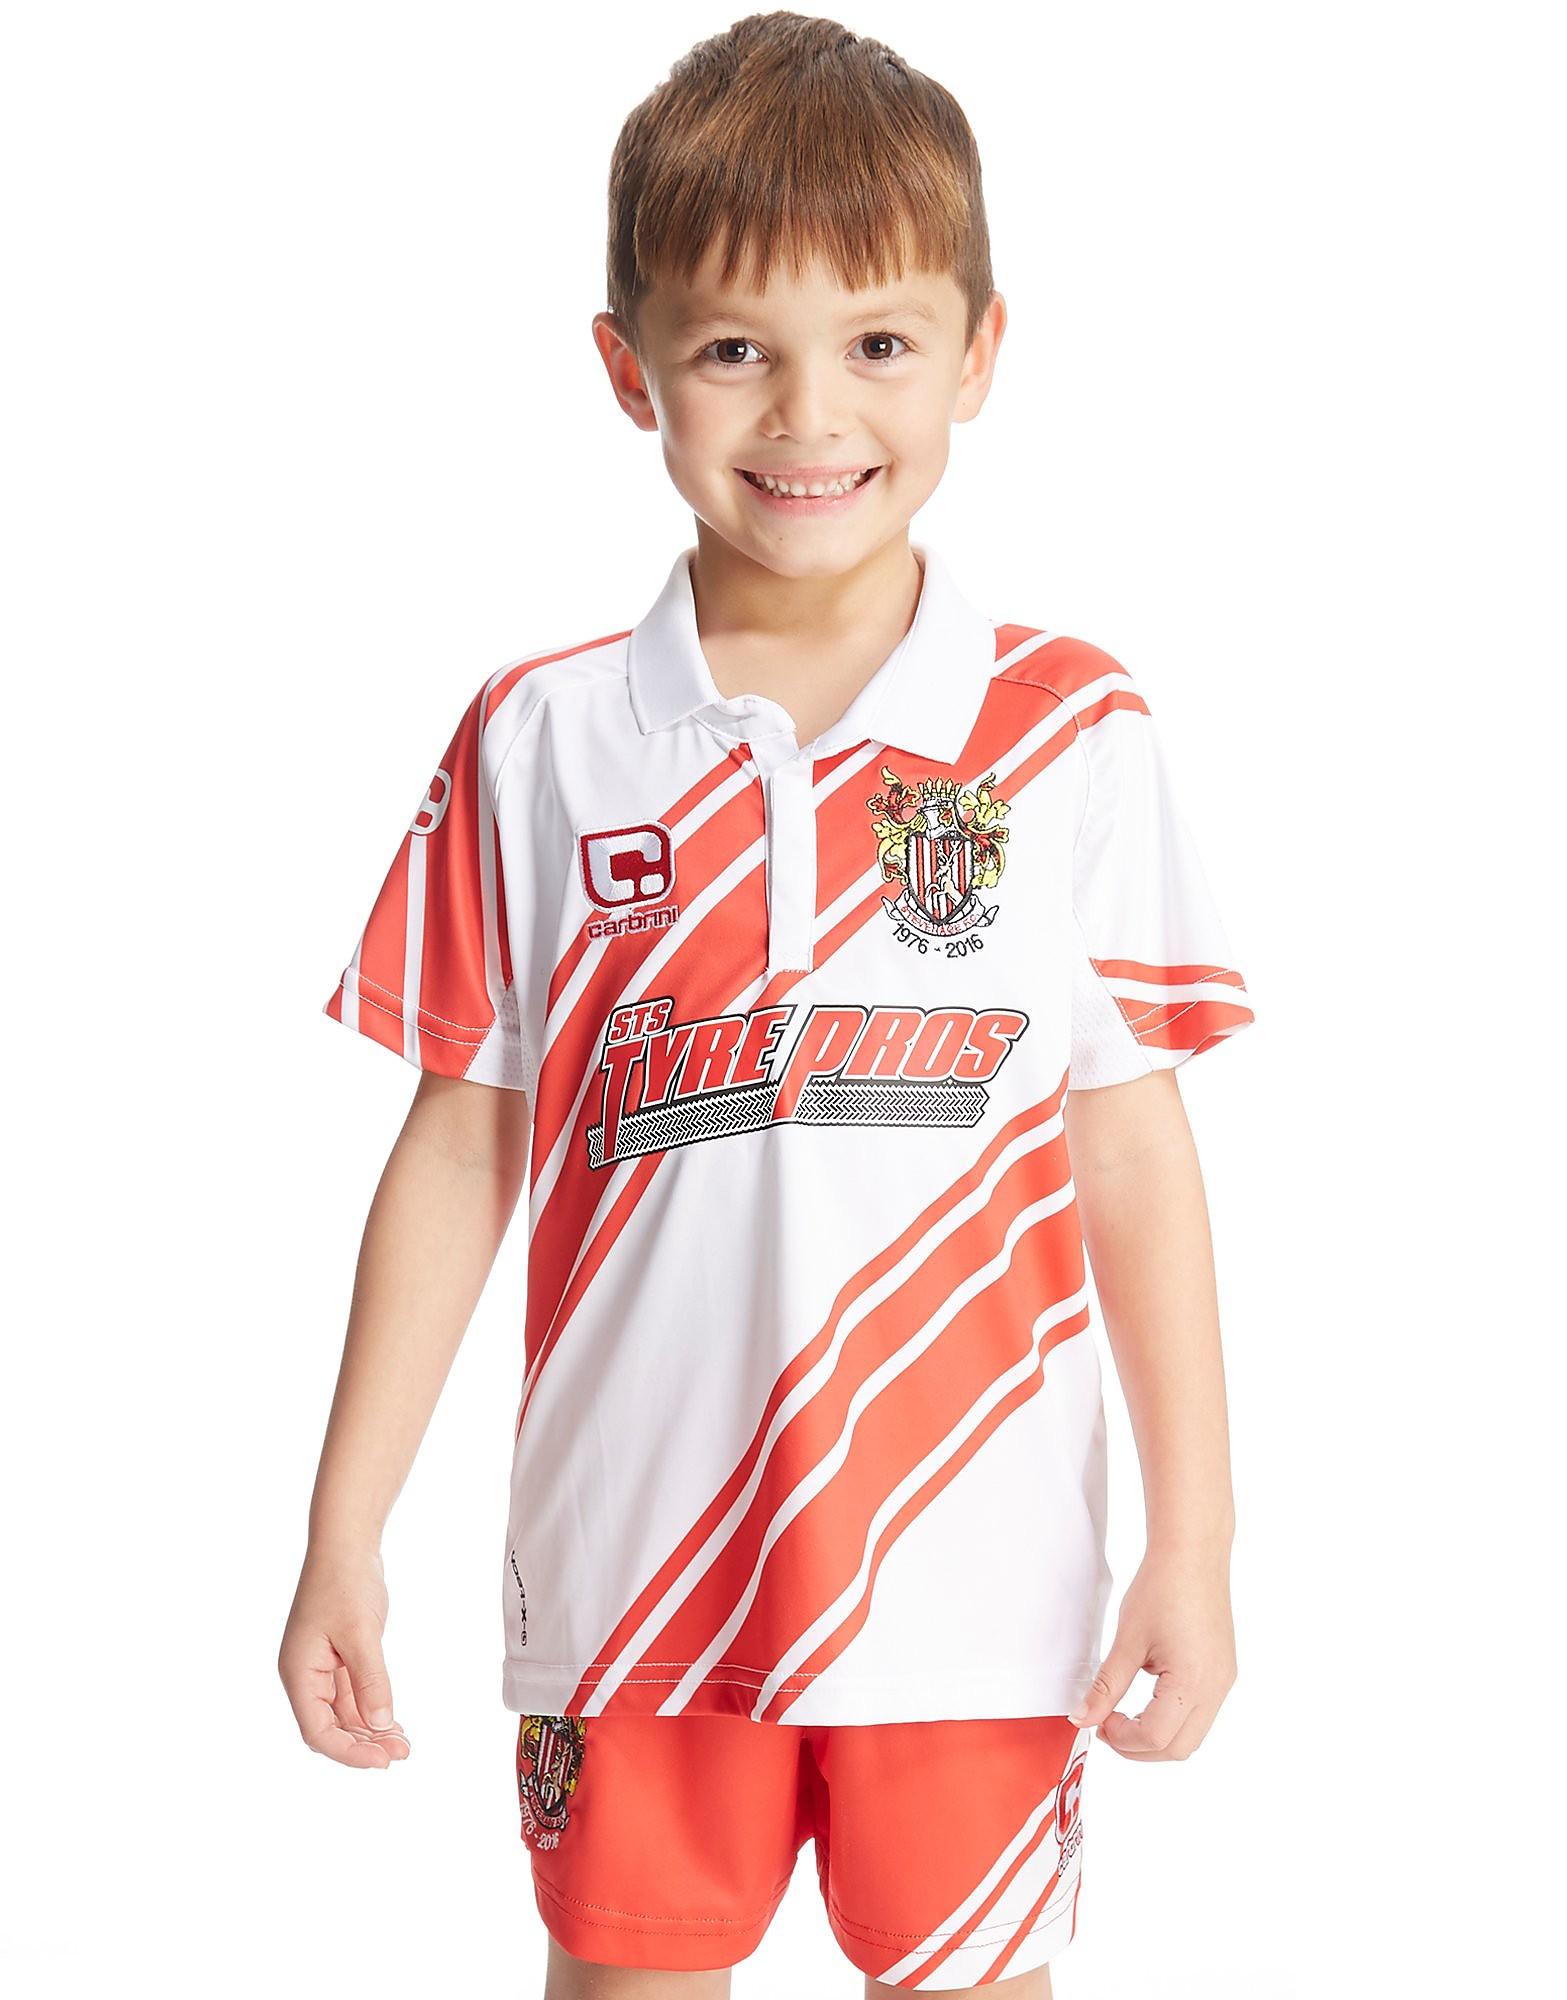 Carbrini Stevenage FC 2016/17 Home Kit Children